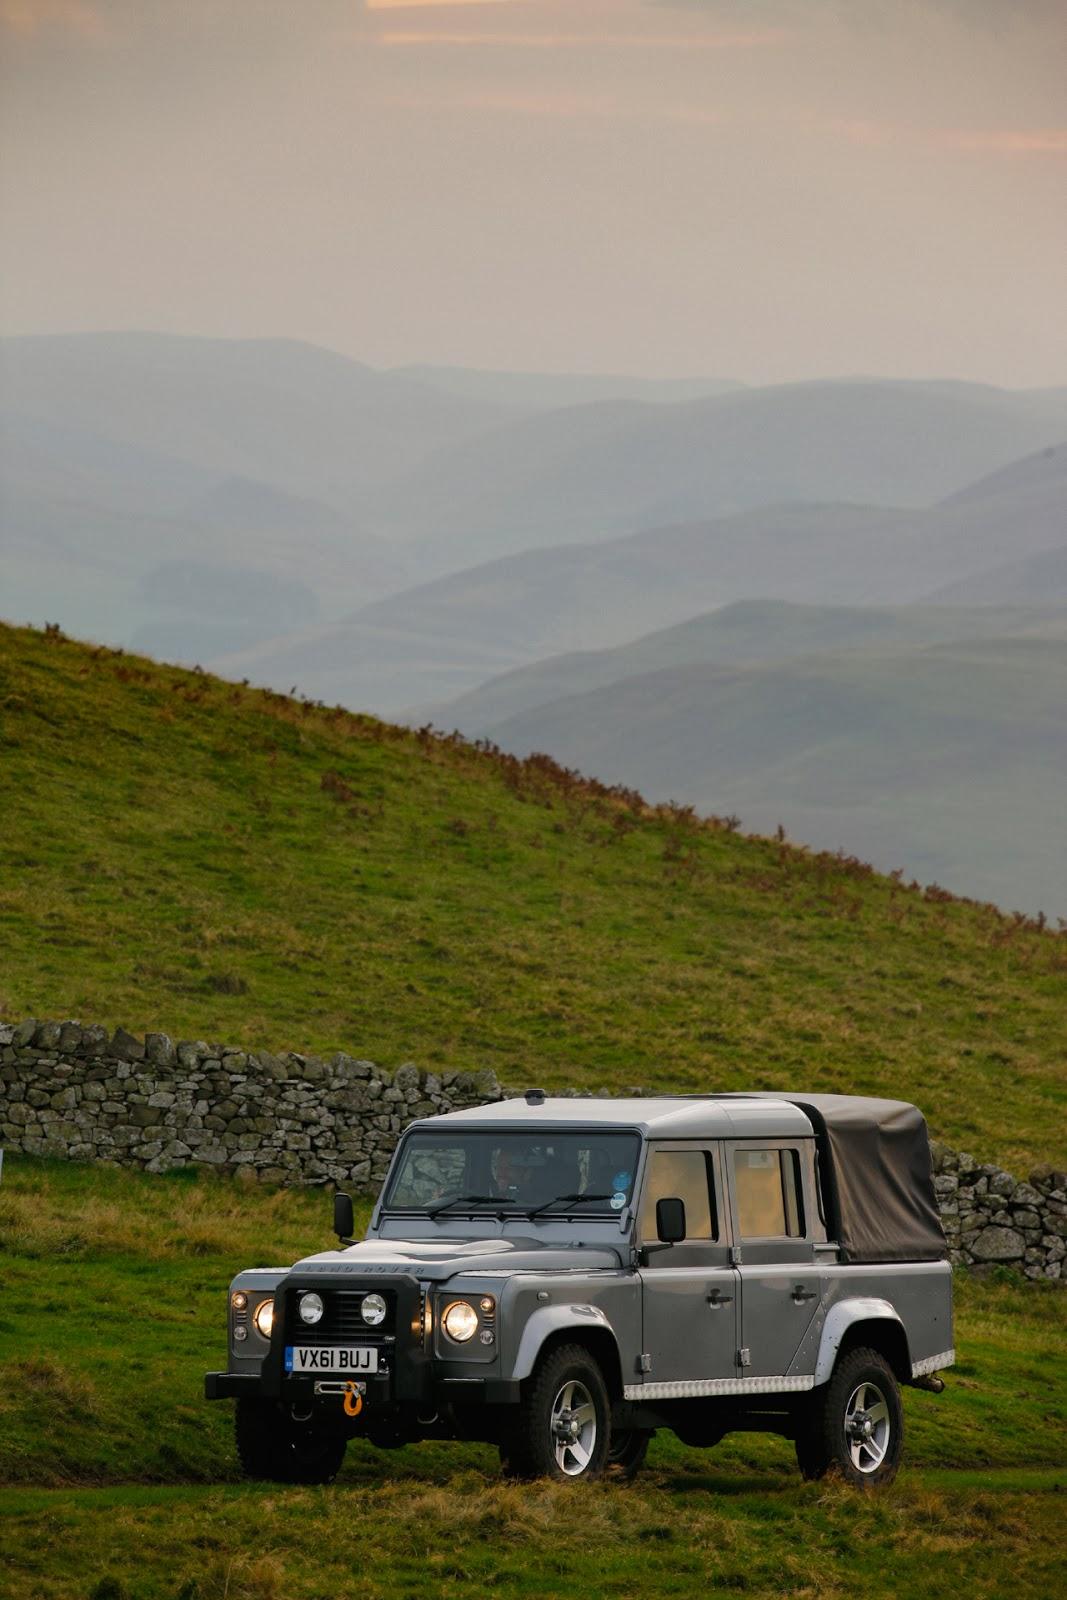 © Automotiveblogz: 2012 Land Rover Defender 110 Double Cab